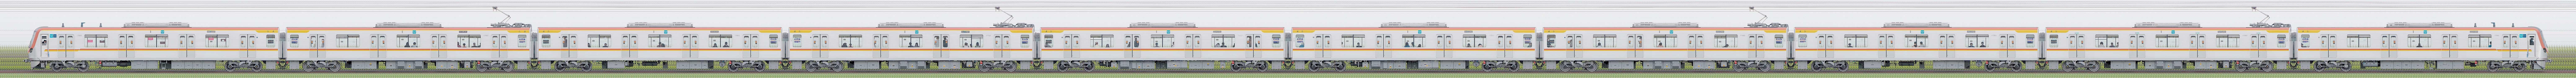 東京メトロ17000系17103編成(和光検車区第23編成/1側)の編成サイドビュー